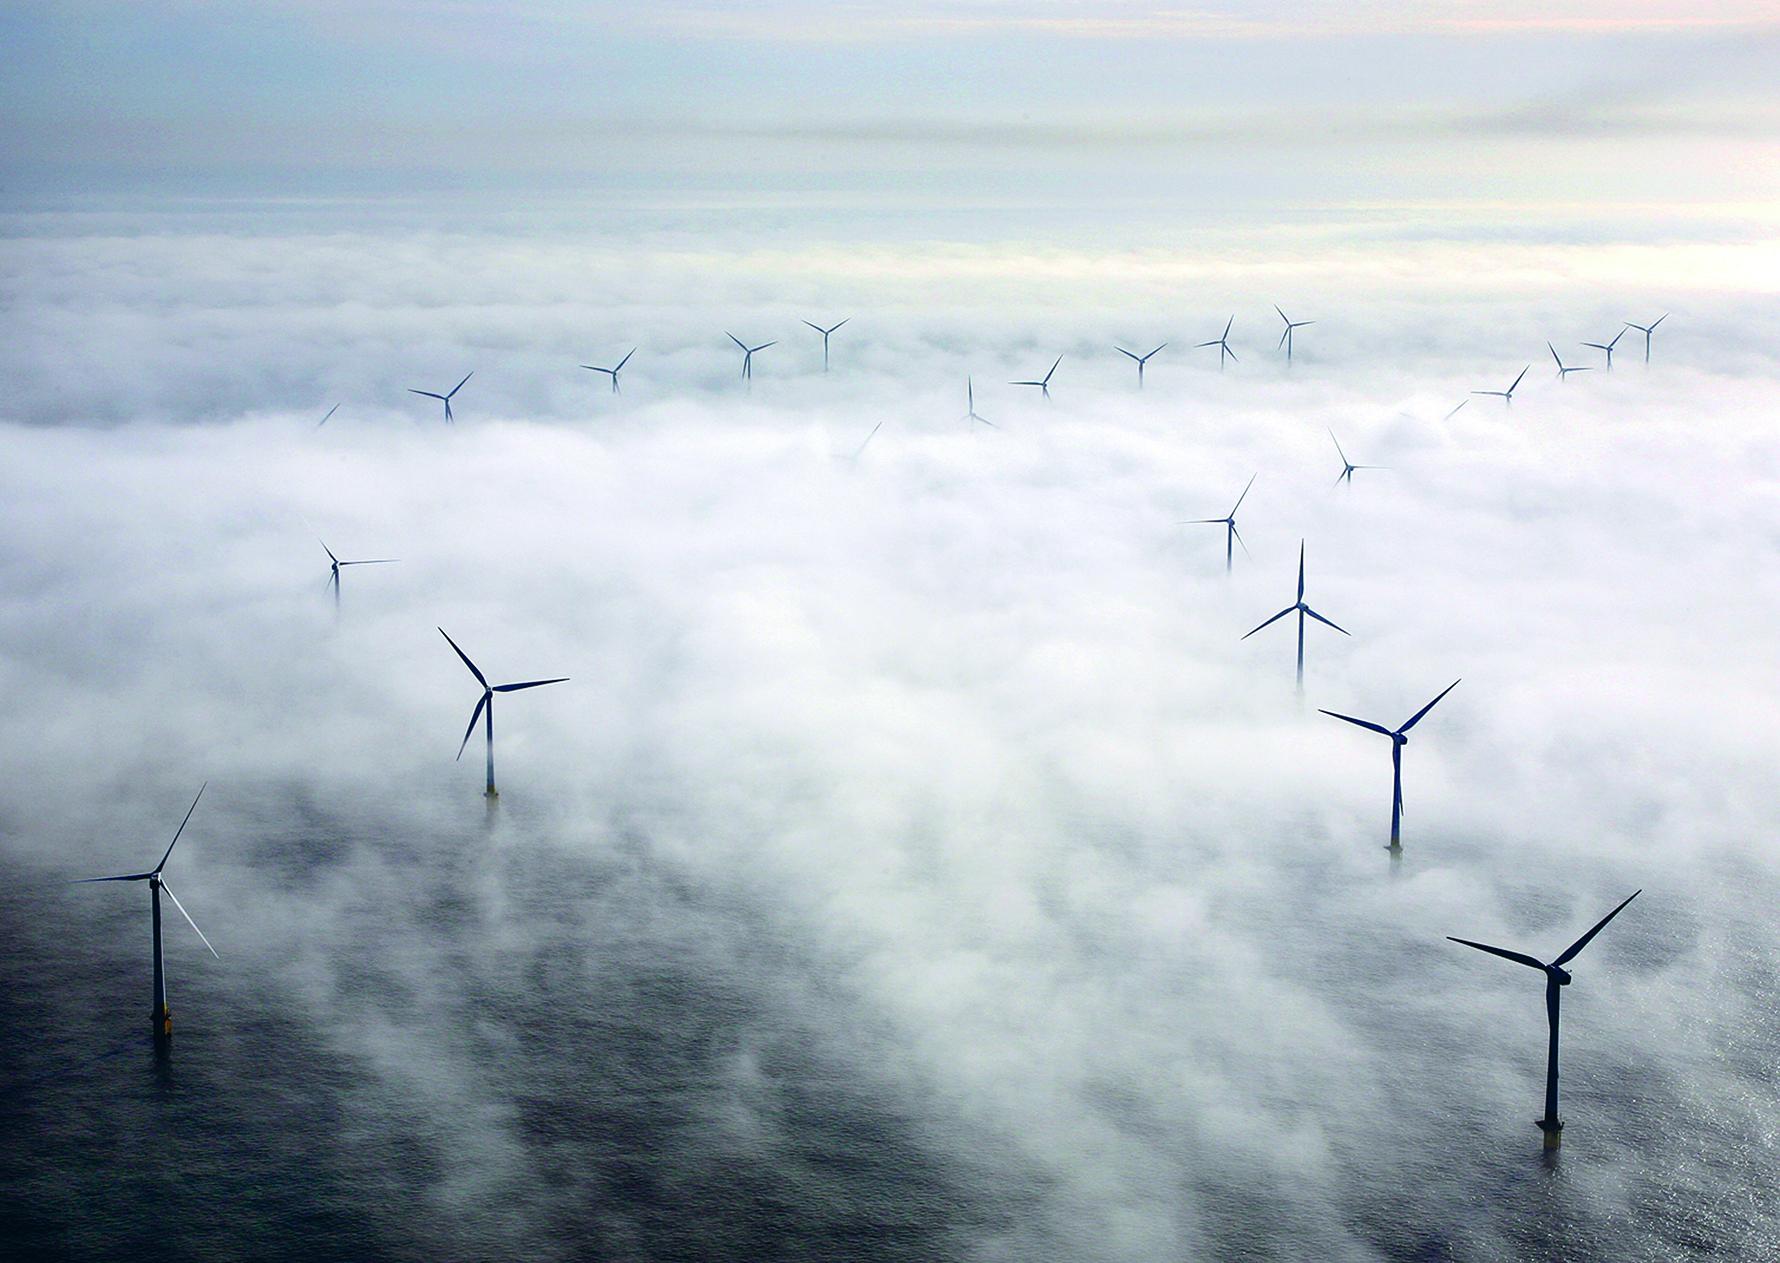 Tuulivoimaloita Britannian itärannikolla. Maan energiantuotannosta noin kolmannes on uusiutuvaa energiaa. Kuva: Albanpix / Rex / All Over Press